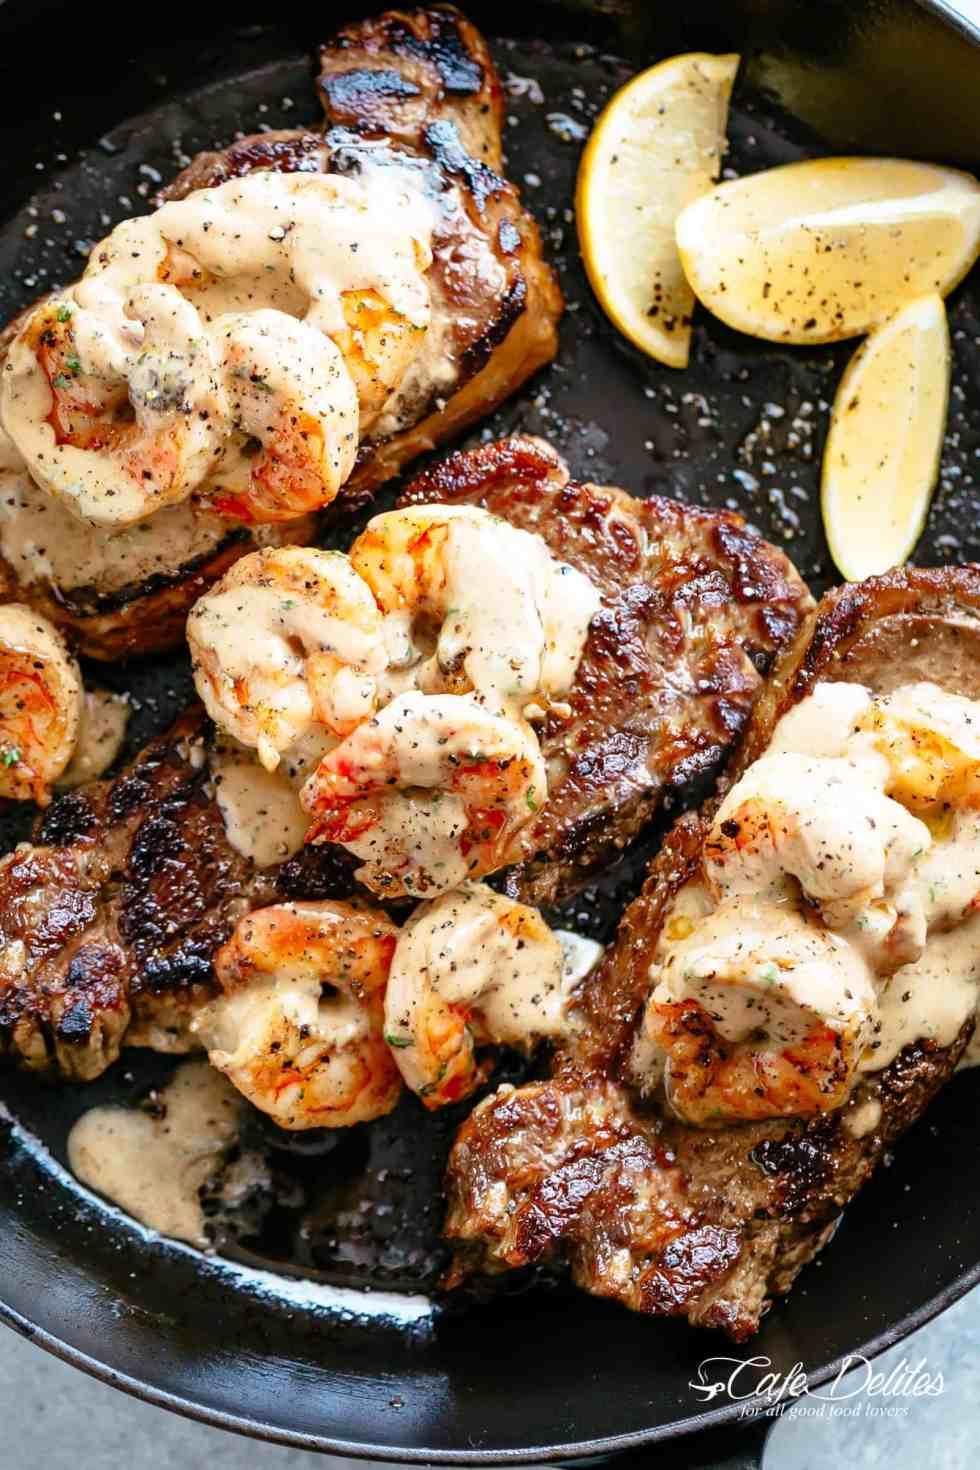 Low Carb Steak Recipe A With Creamy Garlic Shrimp | cafedelites.com